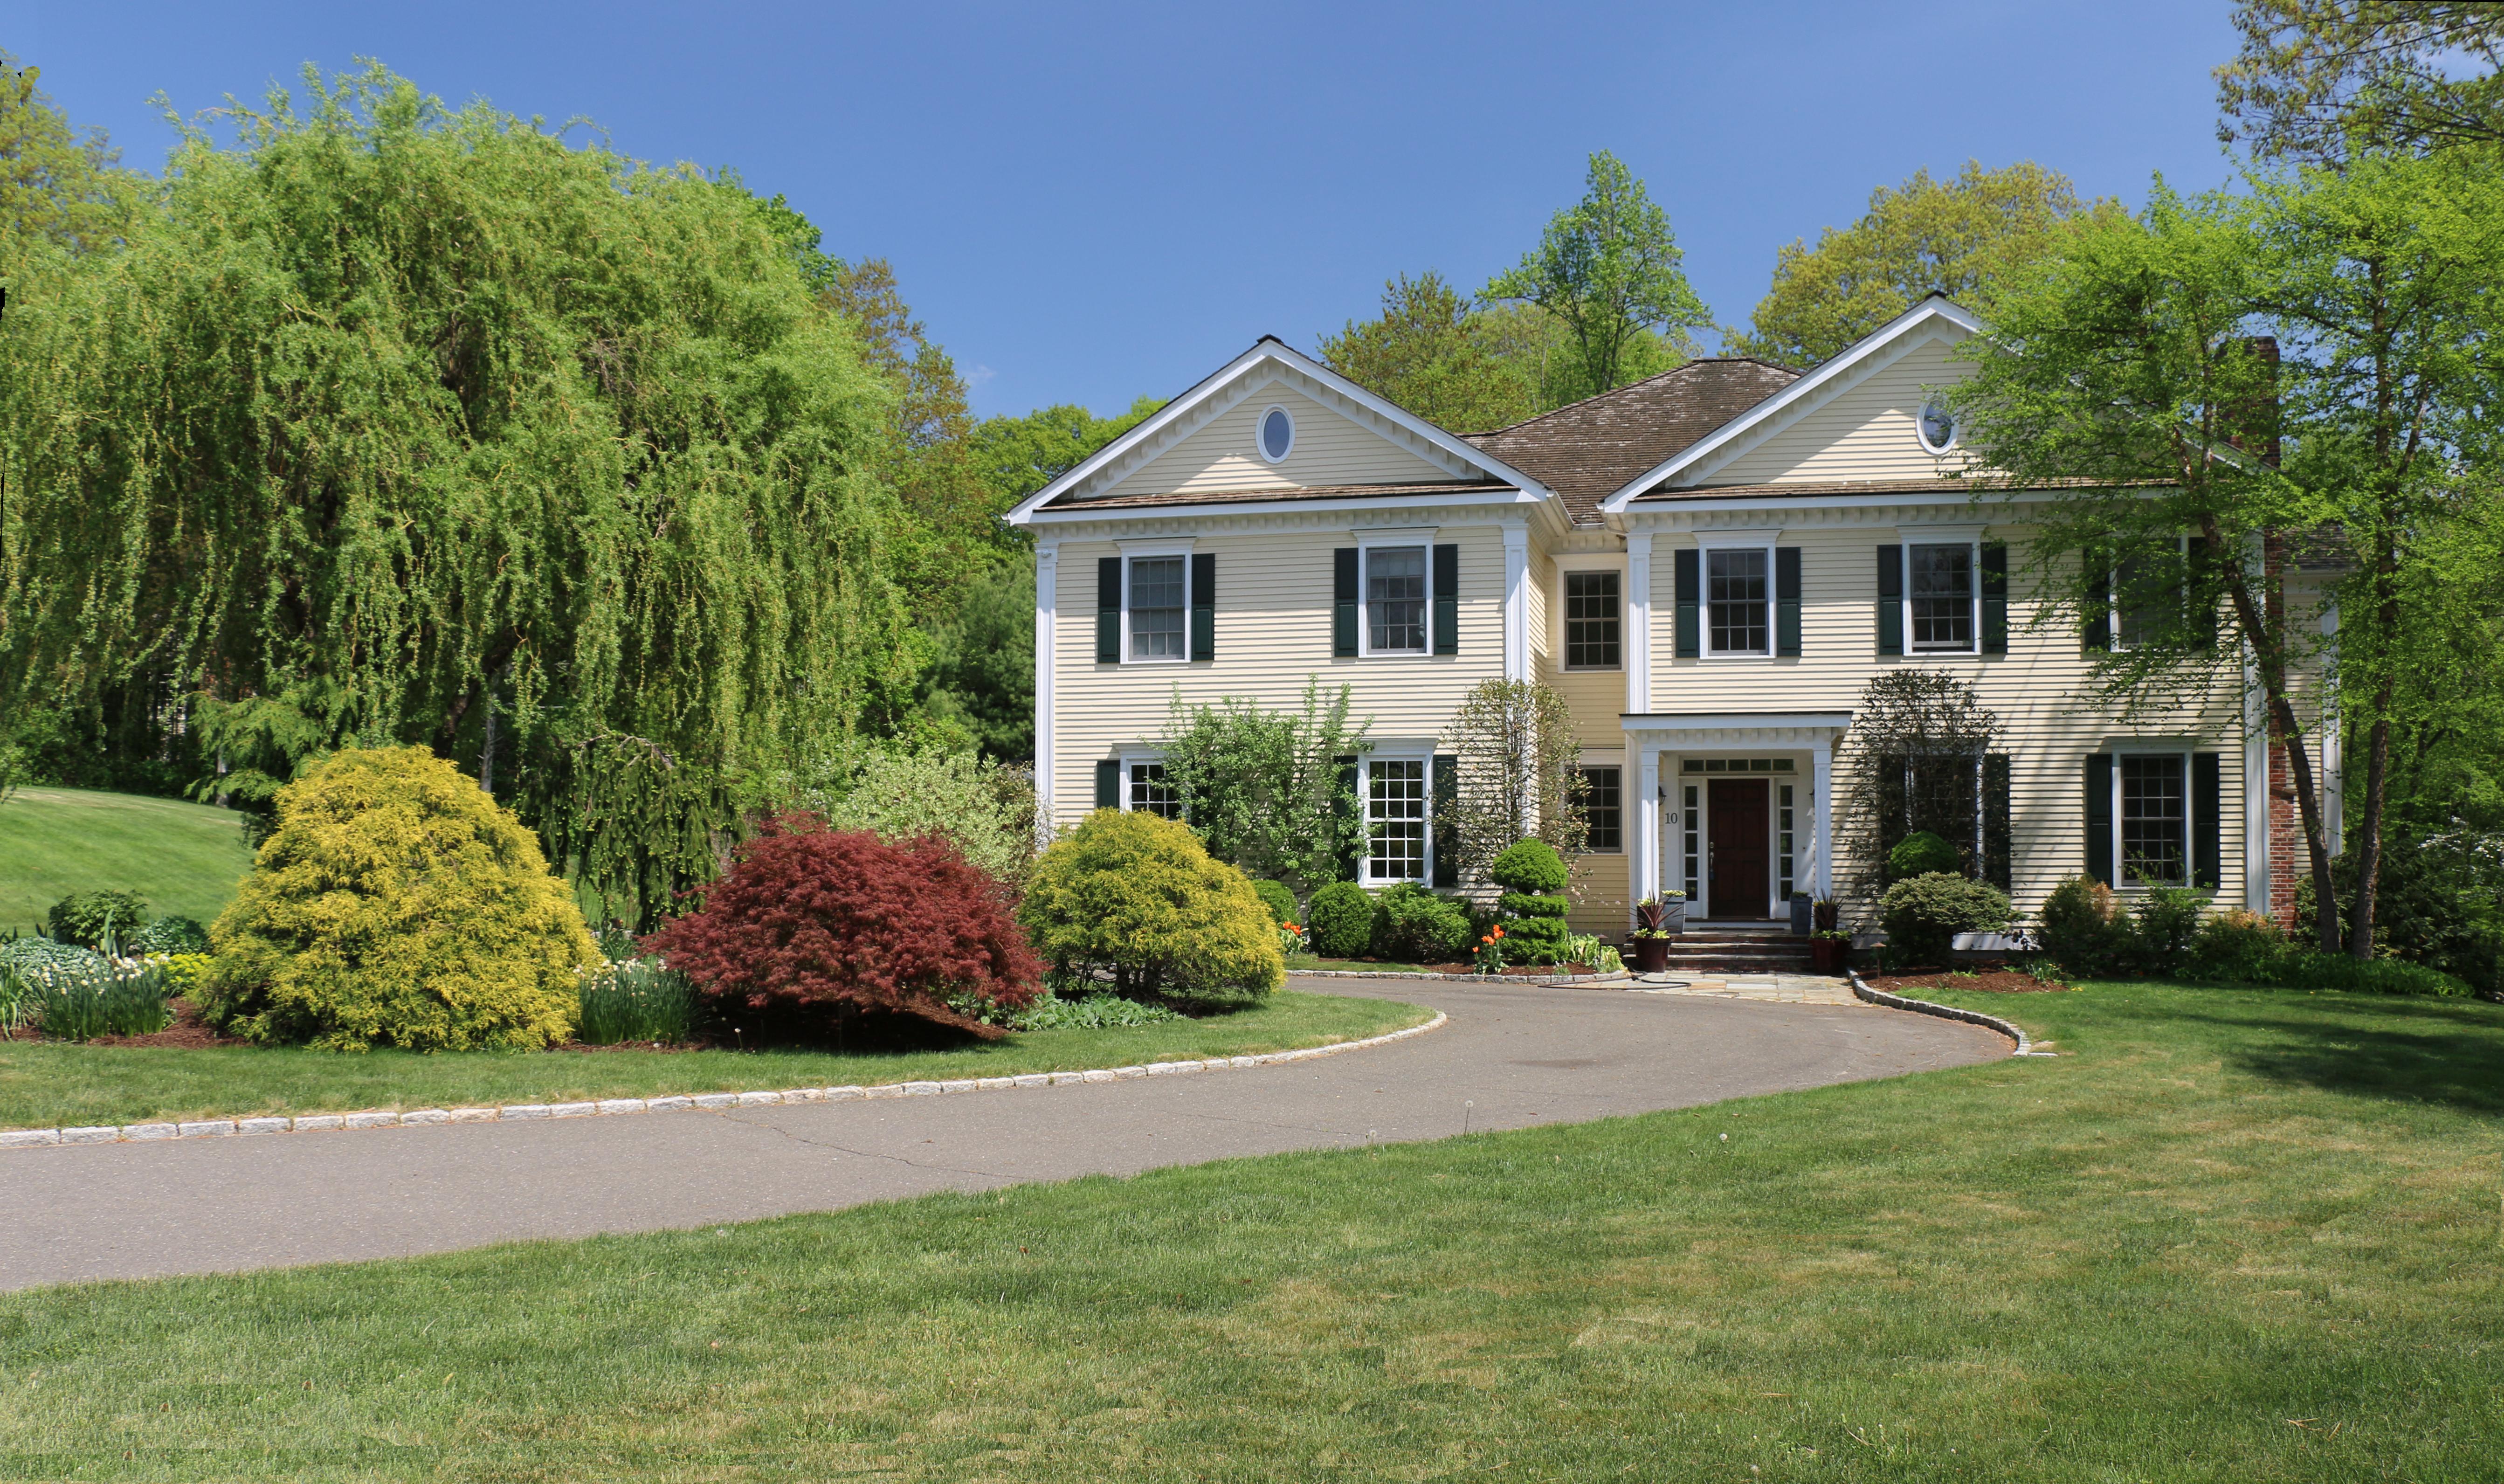 Villa per Vendita alle ore Unique, Dramatic, Elegant and Eclectic Home 10 Brandon Circle Wilton, Connecticut 06897 Stati Uniti